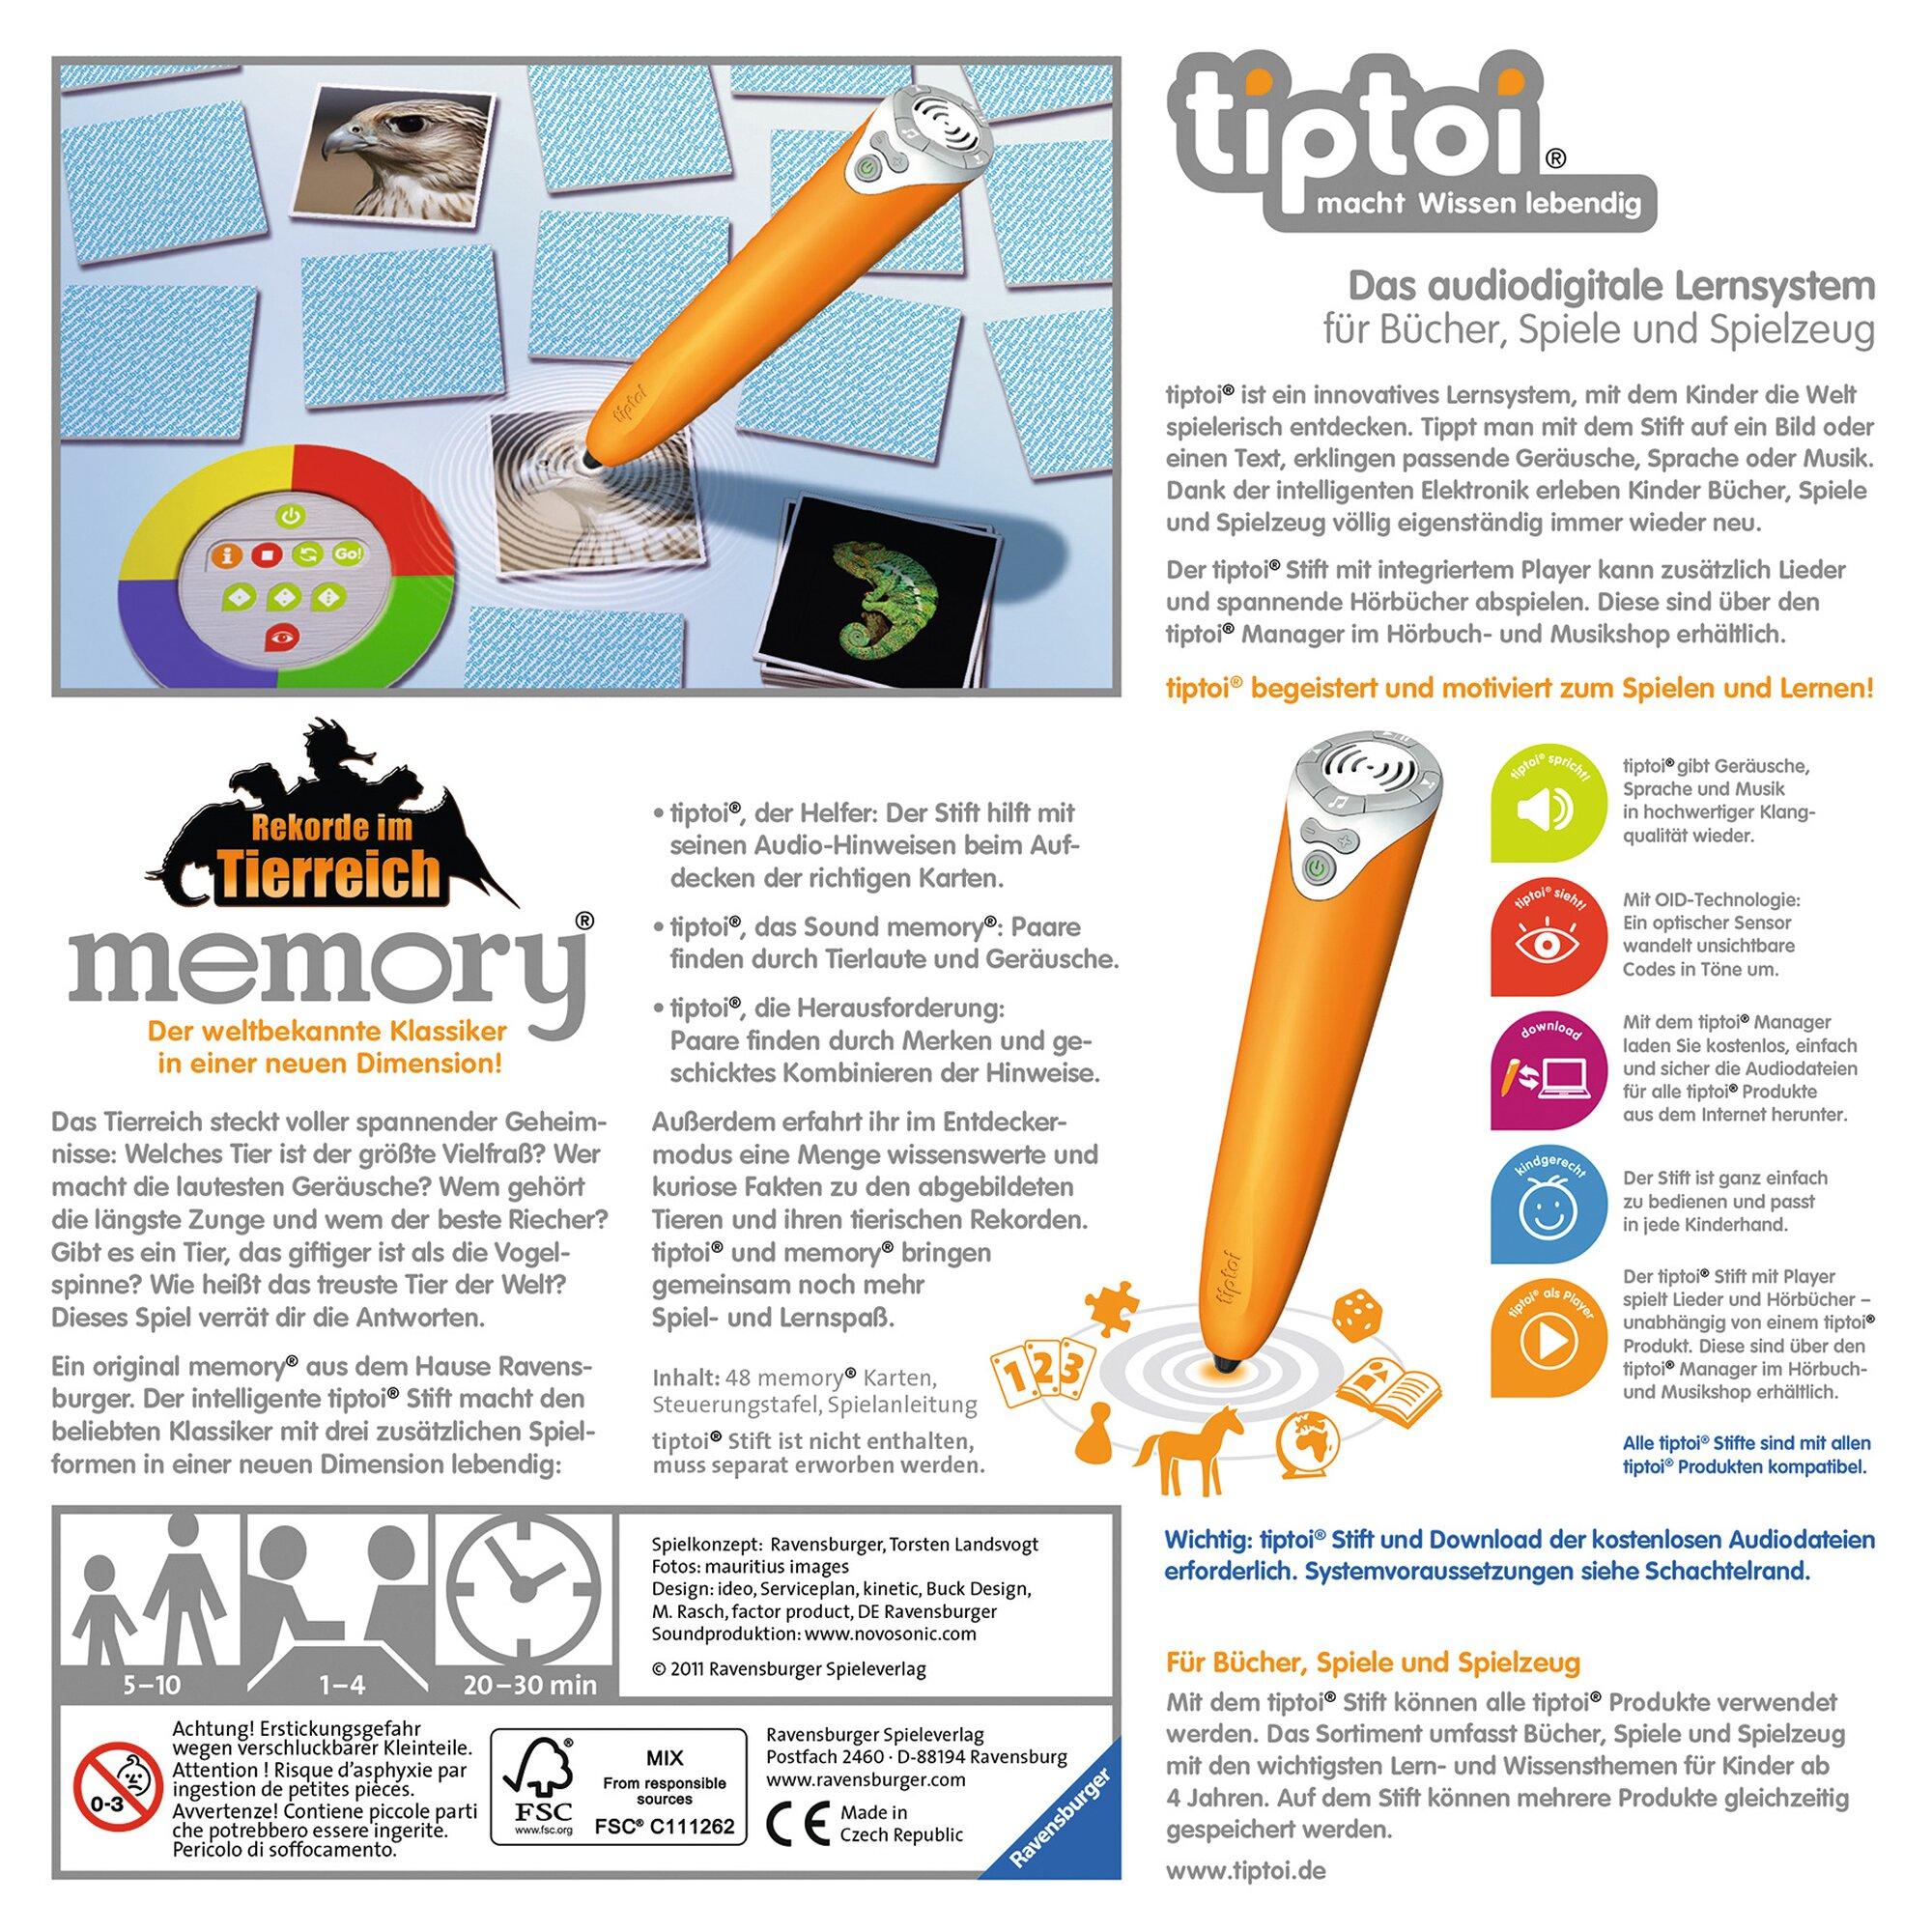 tiptoi-tiptoi-memory-rekorde-im-tierreich-legespiel